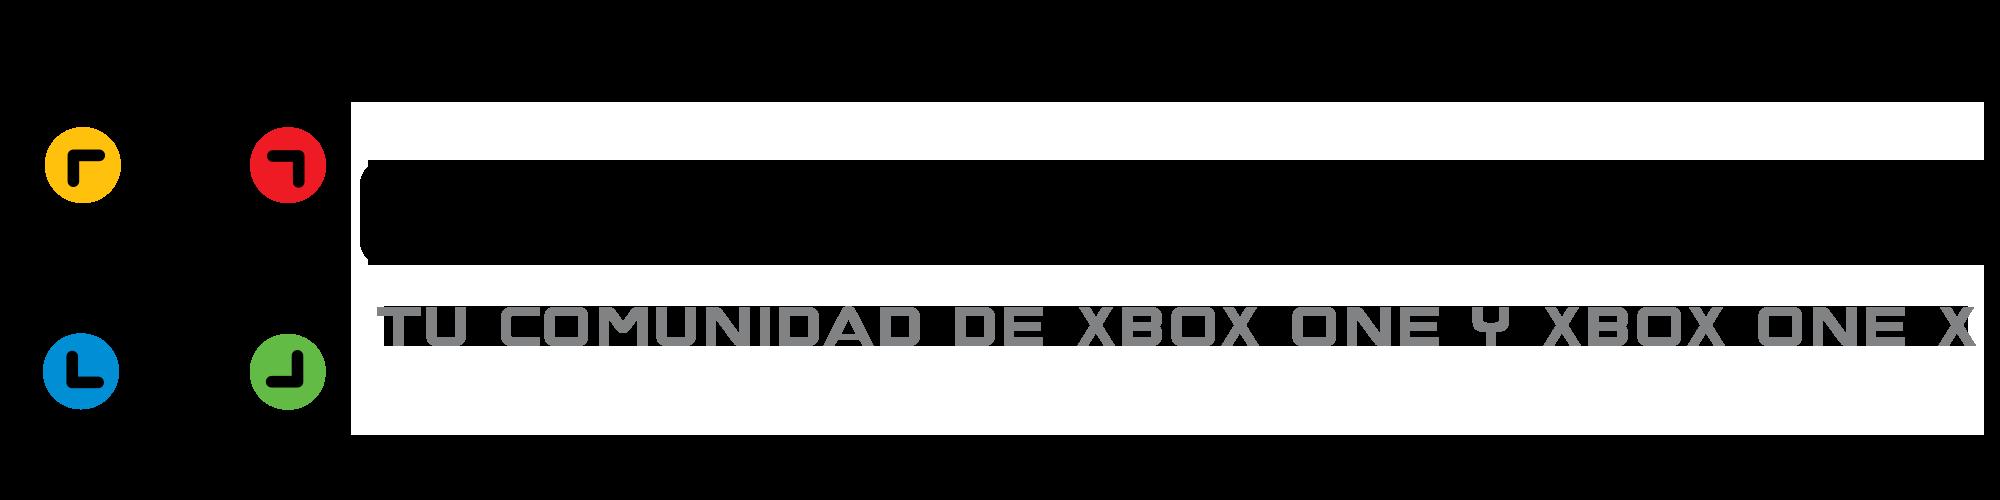 Comunidad de Xbox One, Xbox One X y Xbox 360